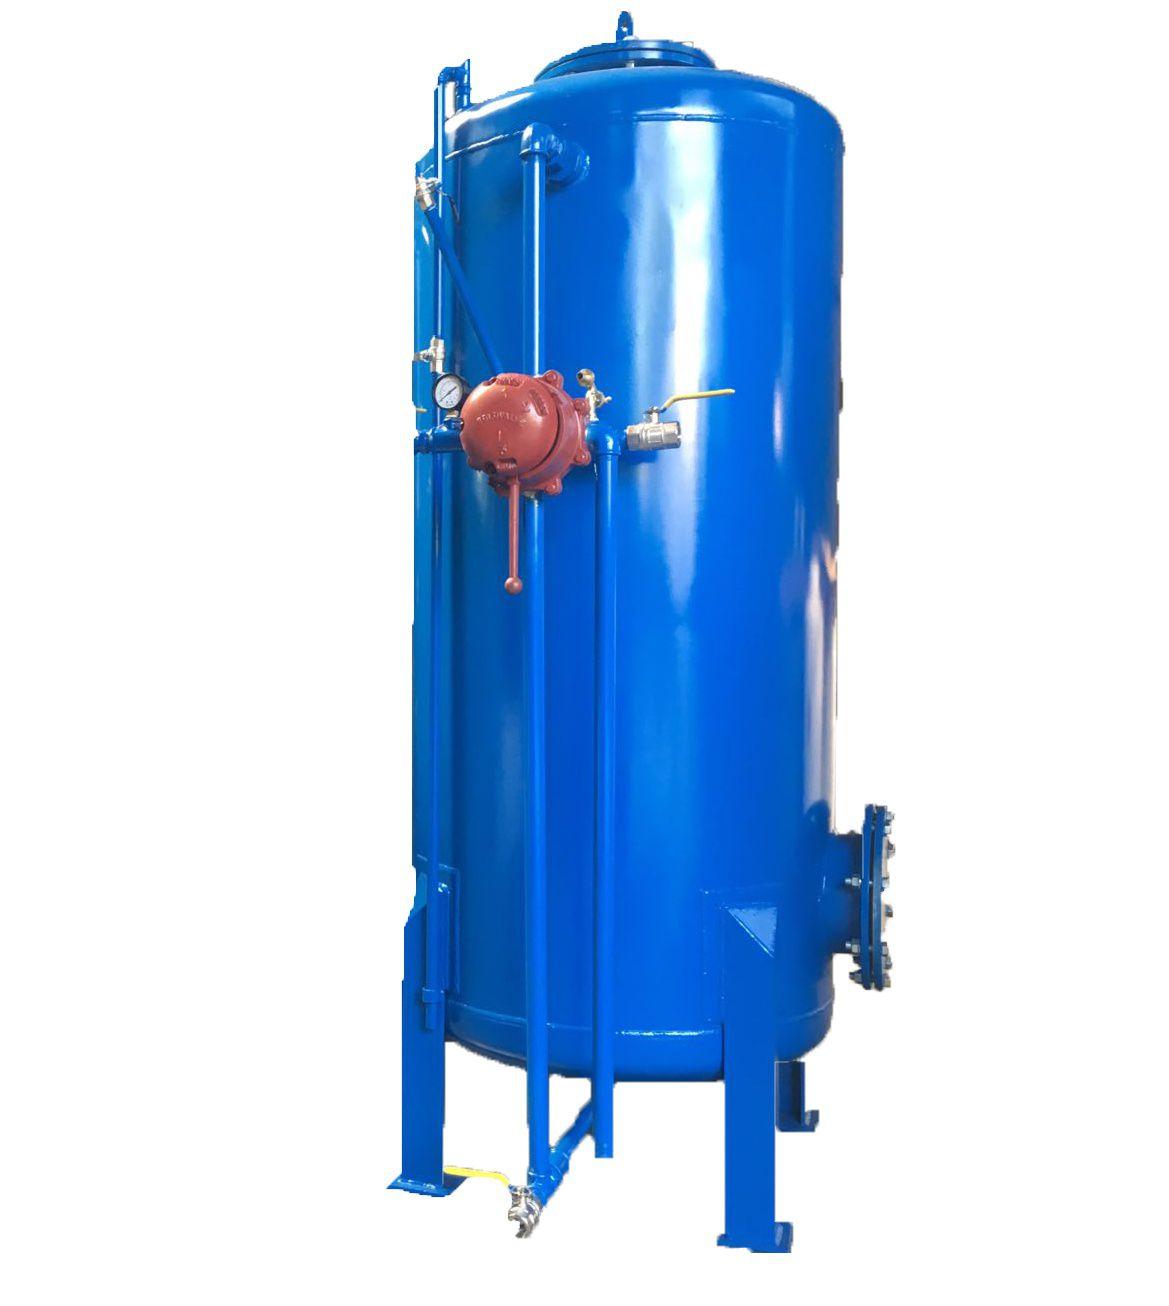 دستگاه سختی گیرFRP رخشاب با ظرفیت 60 کیلو گرین